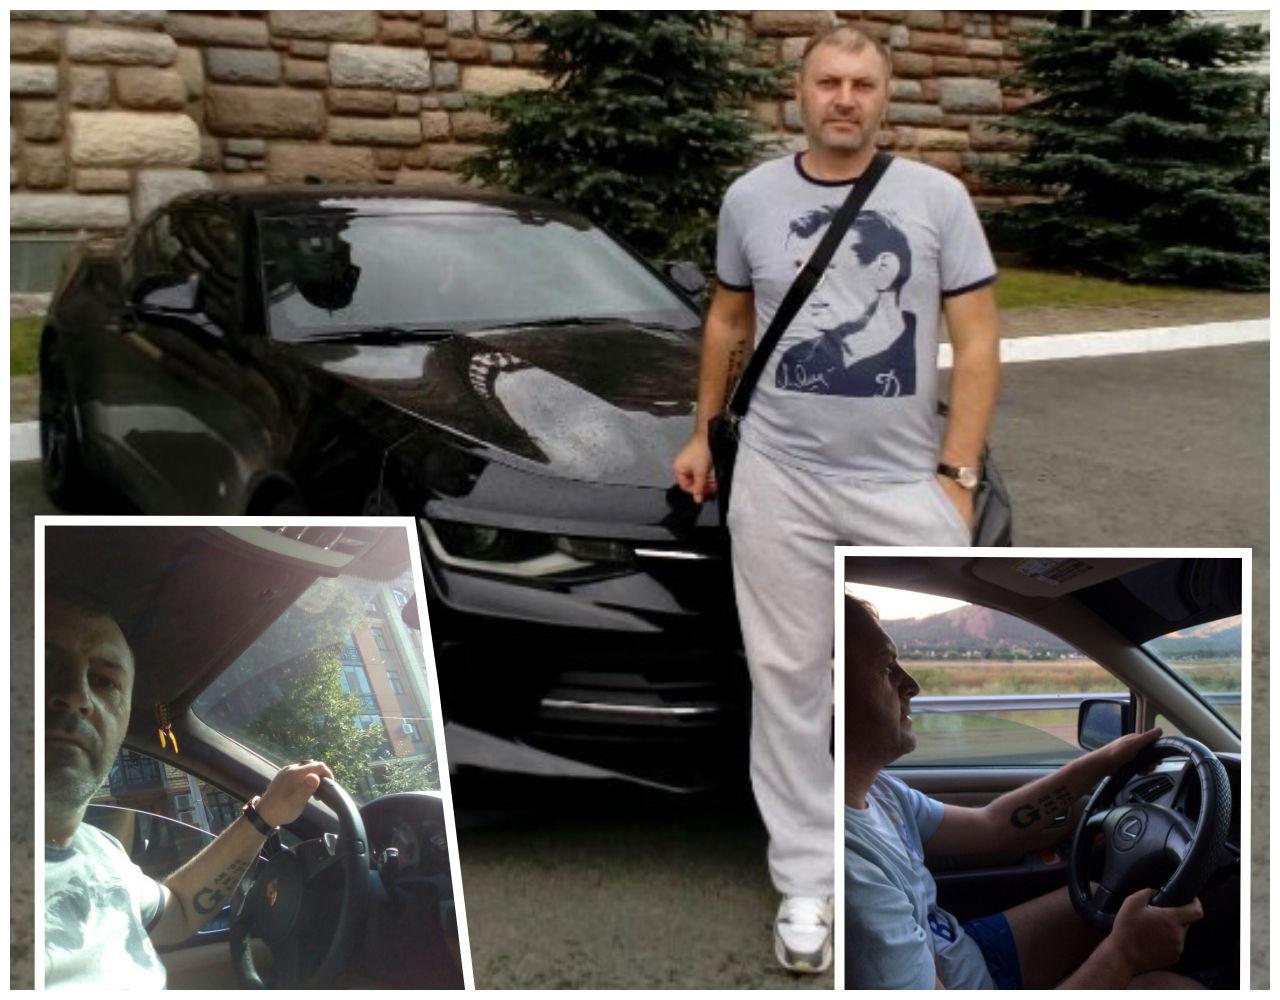 Защитник нашей сборной Владимир Гранат тоже любит скорость